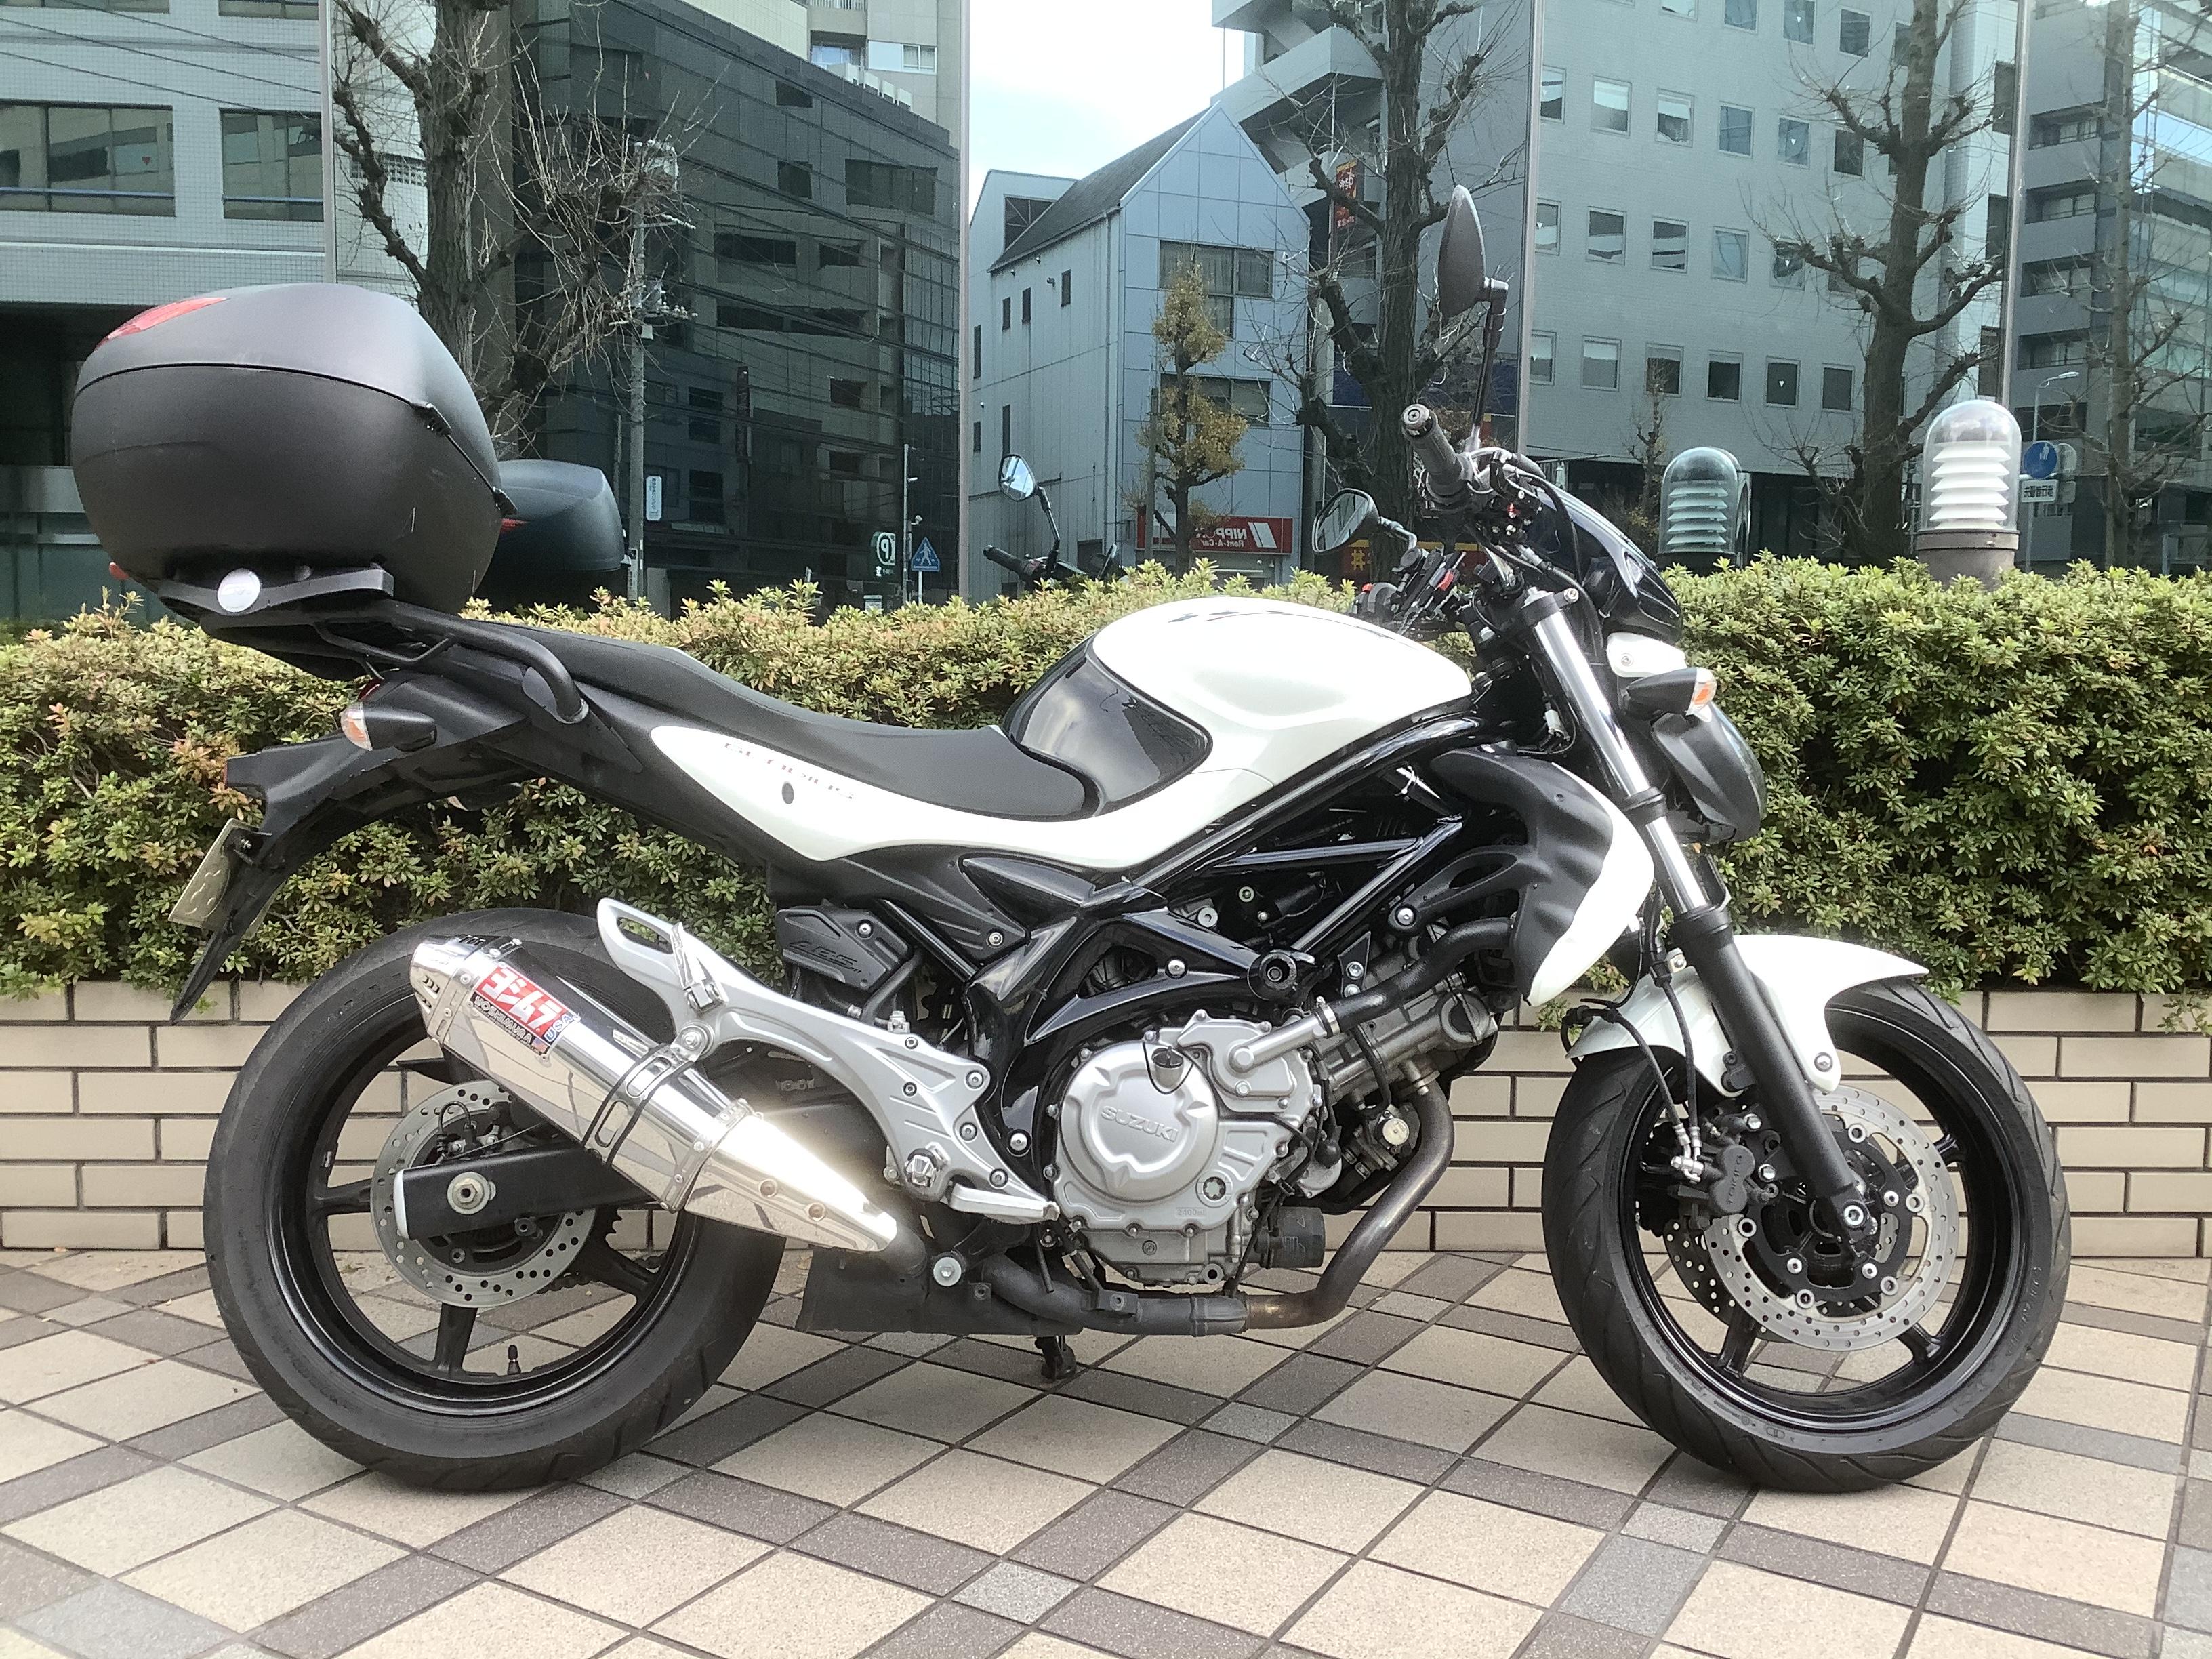 グラディウス400ABS(HN-00) - 【公式】レンタルバイクのベストBike® 錦糸町駅前